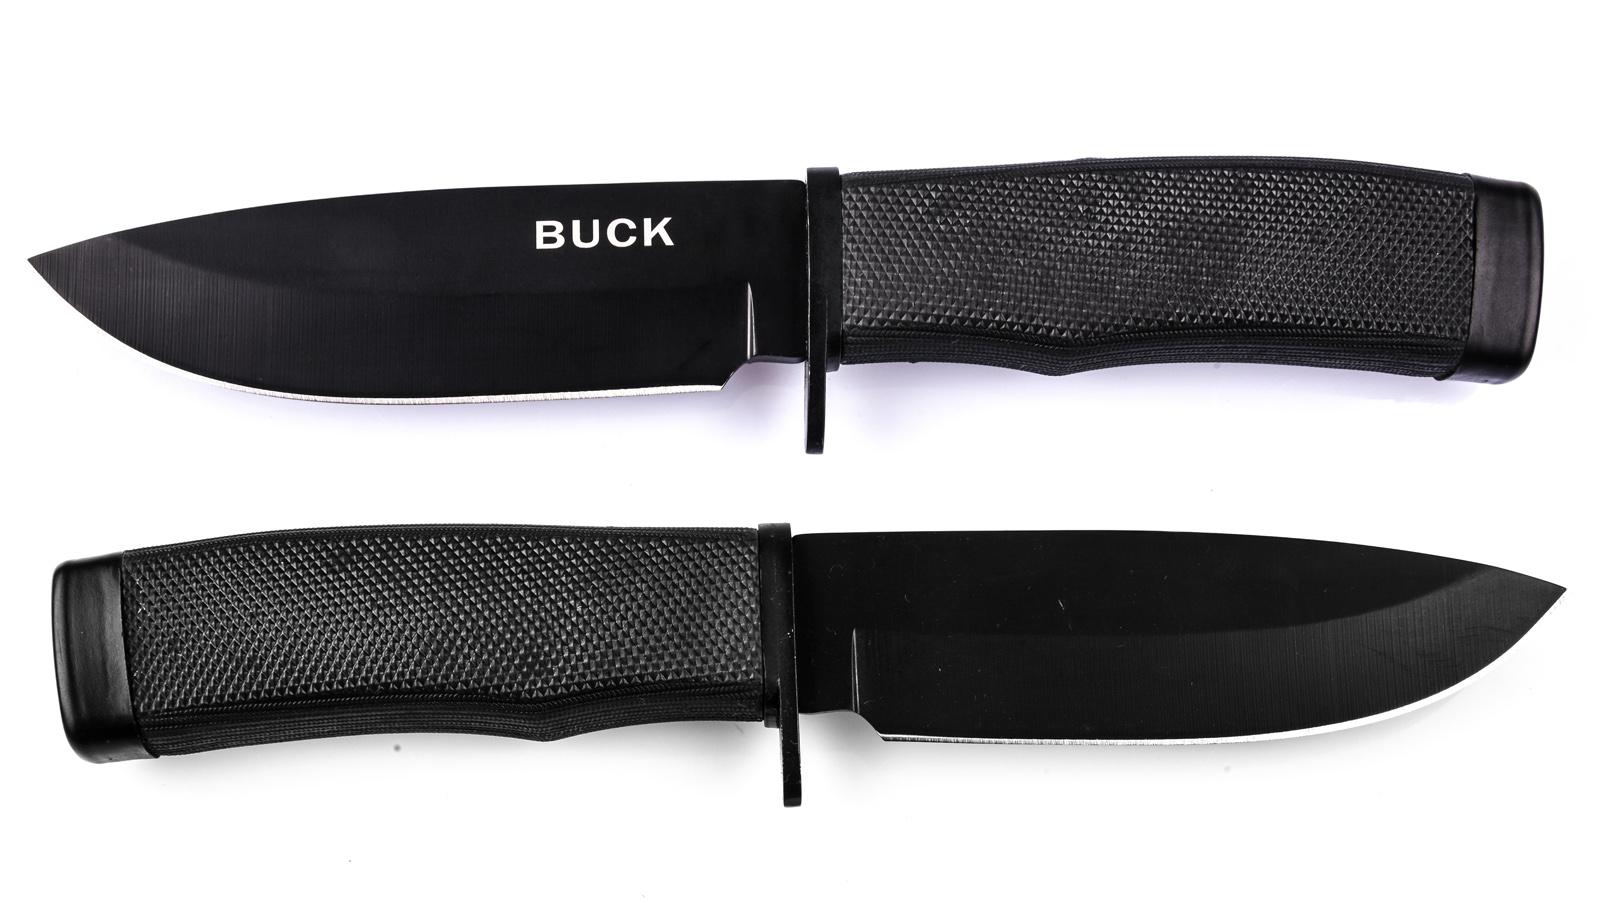 Внешний вид ножа Buck с фиксированным клинком